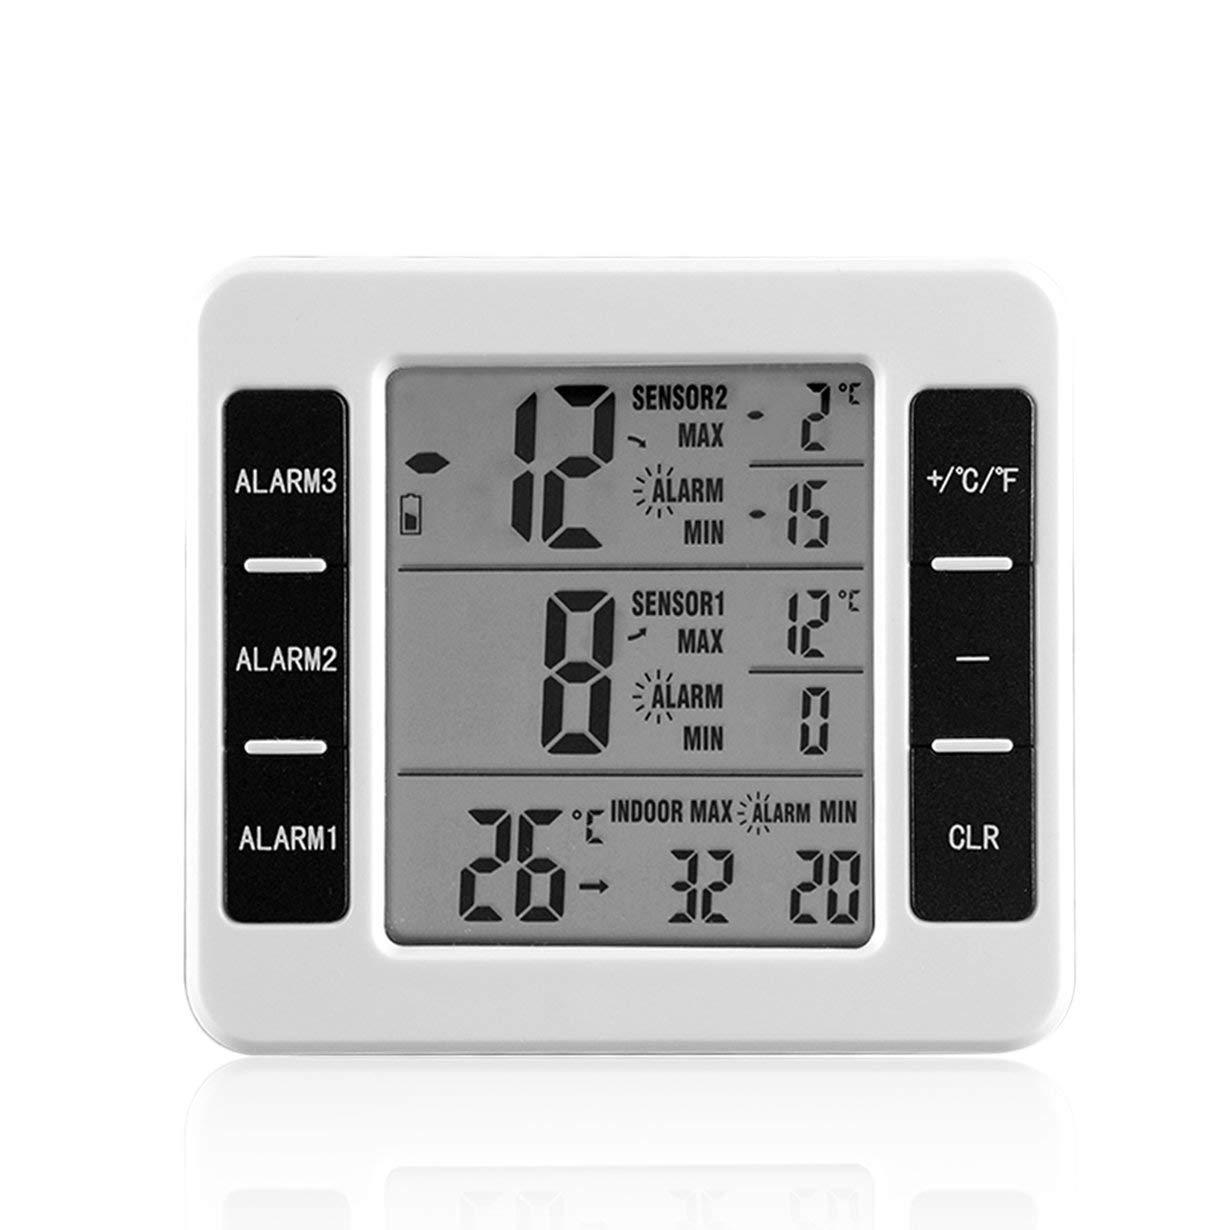 Unitedheart Termometro digitale, termometro digitale per interni Misuratore di temperatura per esterni C/F Visualizzazione del valore Stazione meteorologica Tester con trasmettitore wireless